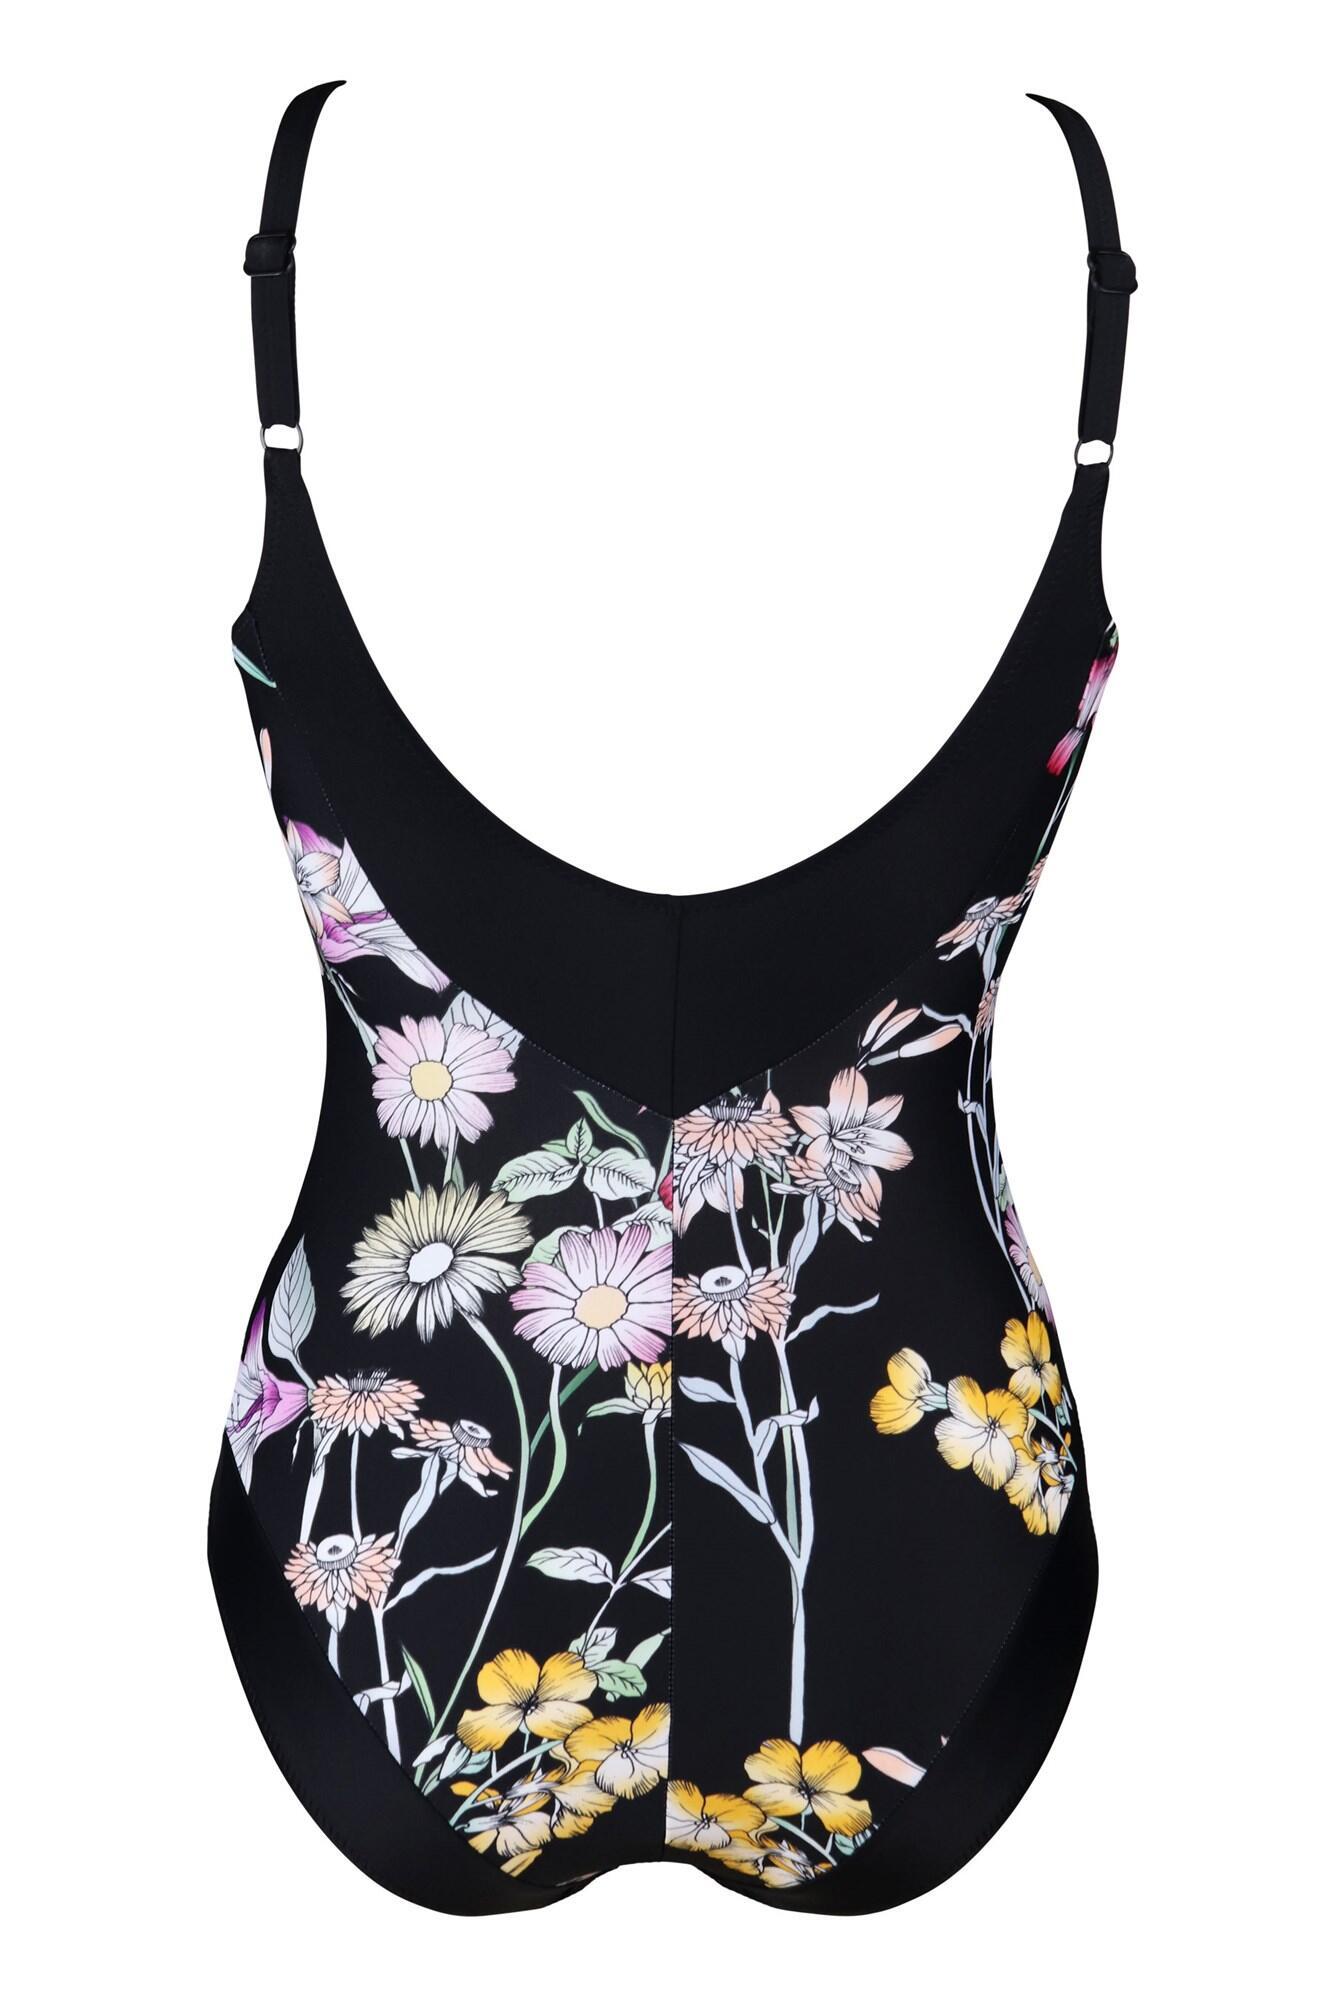 Pour Moi 1496 Black Floral Contour Control Swimsuit Sizes 10-22